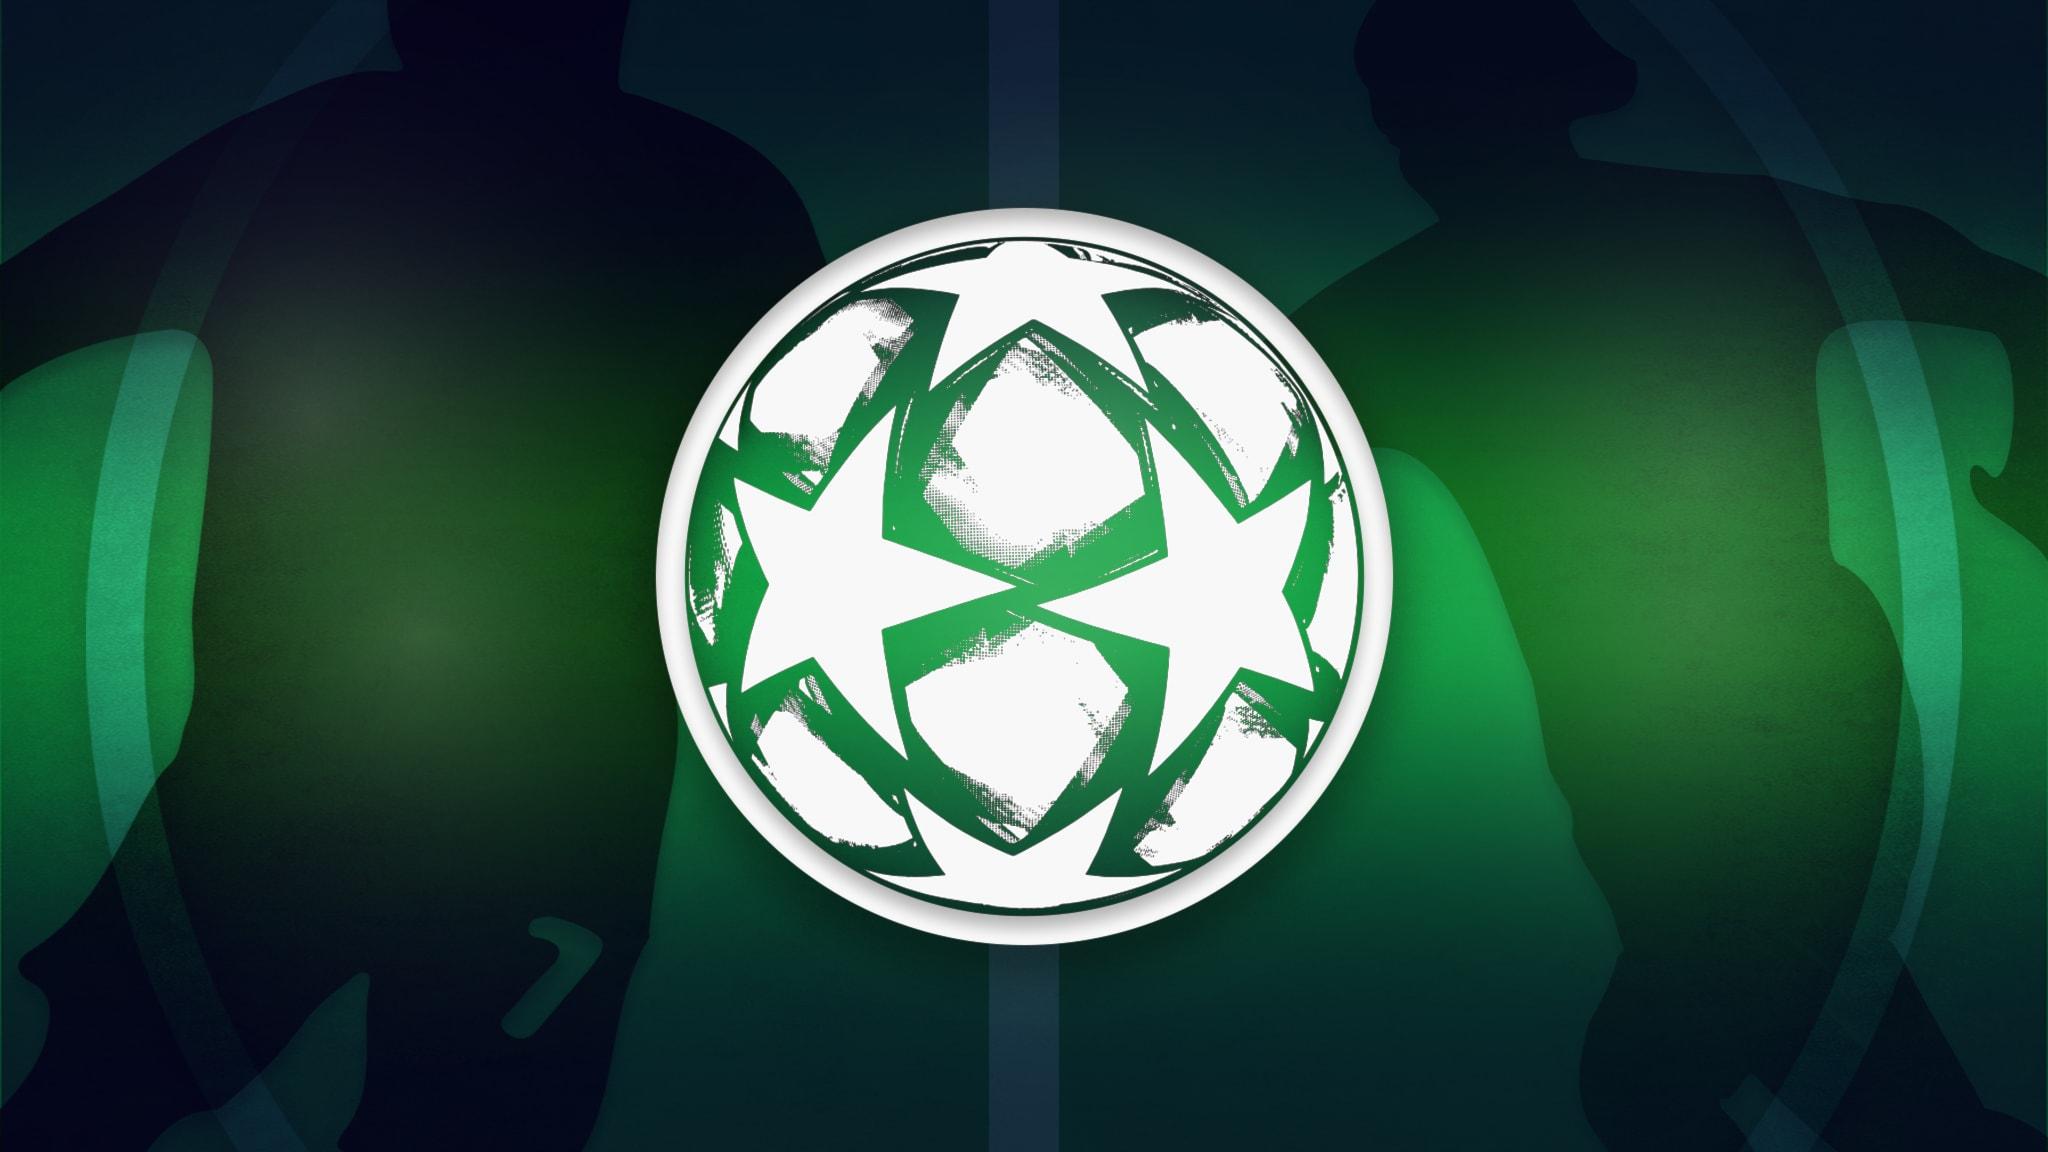 Inför premiären av Matchen – Radiosportens nya fotbollspodd